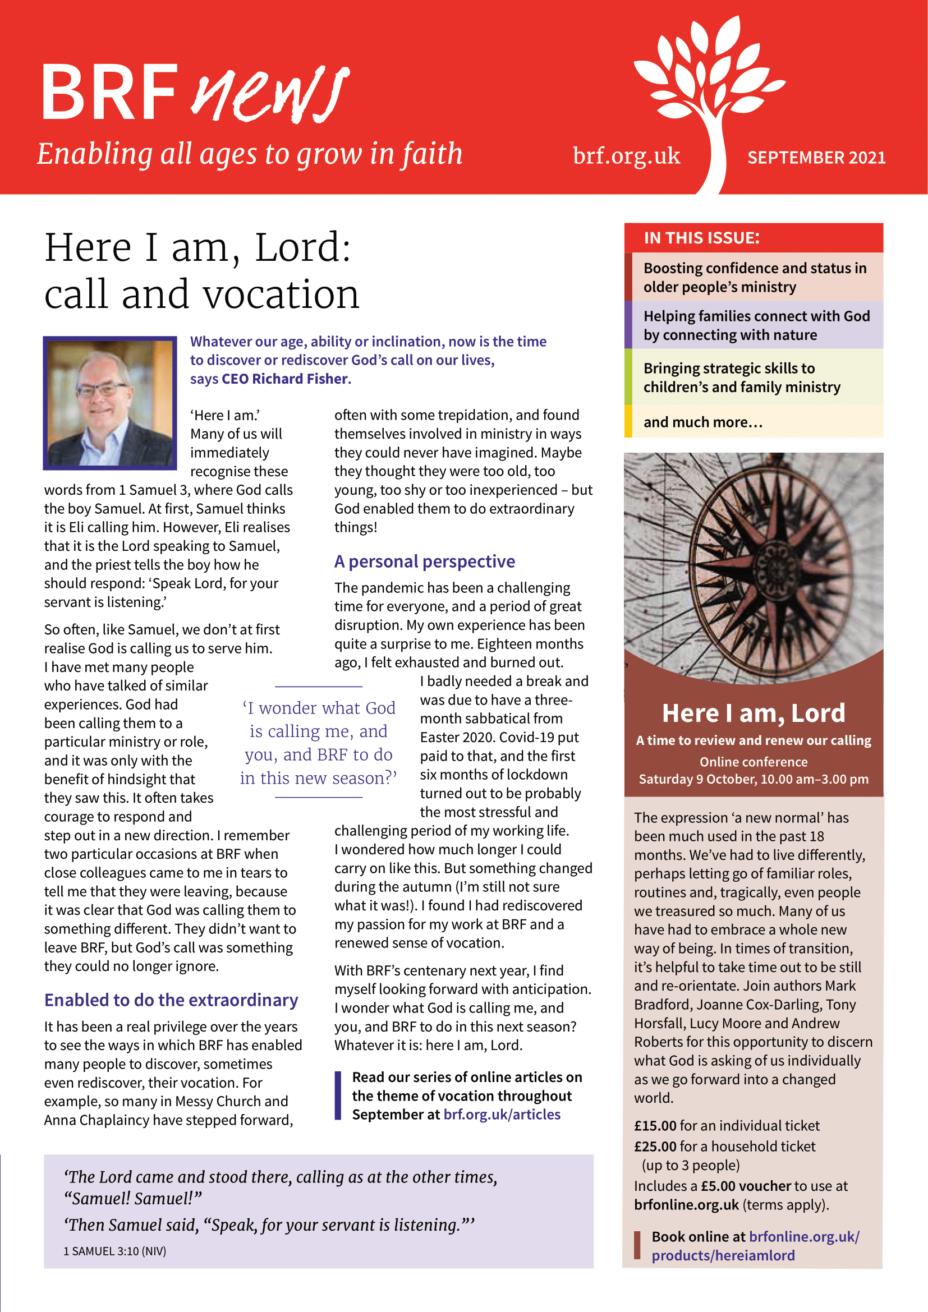 BRF News September 2021, Front cover